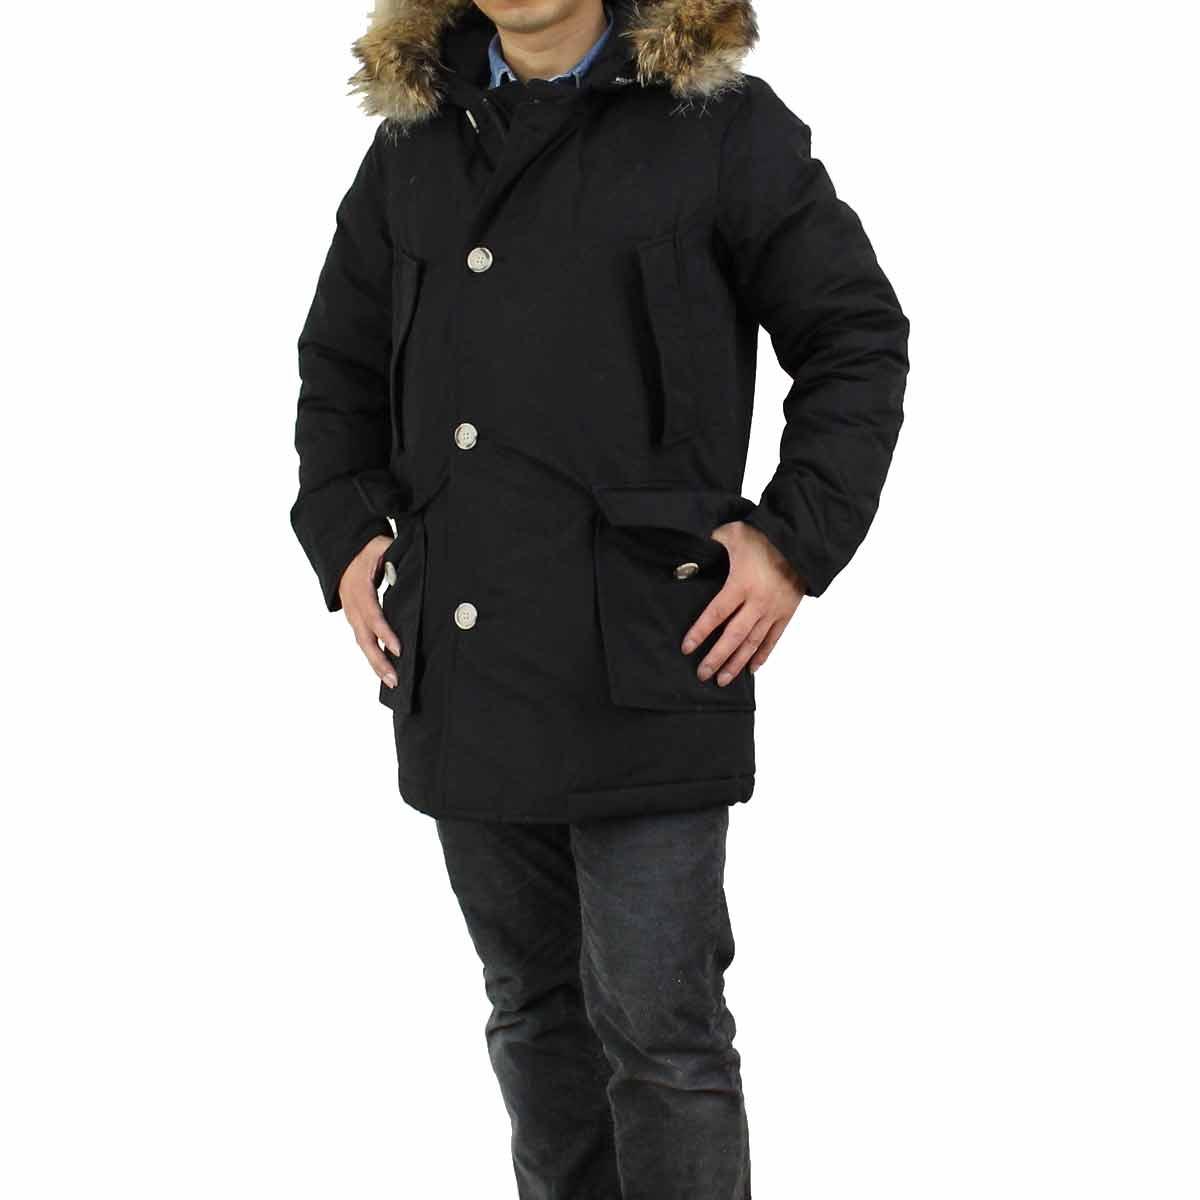 Black woolrich arctic parka jacket